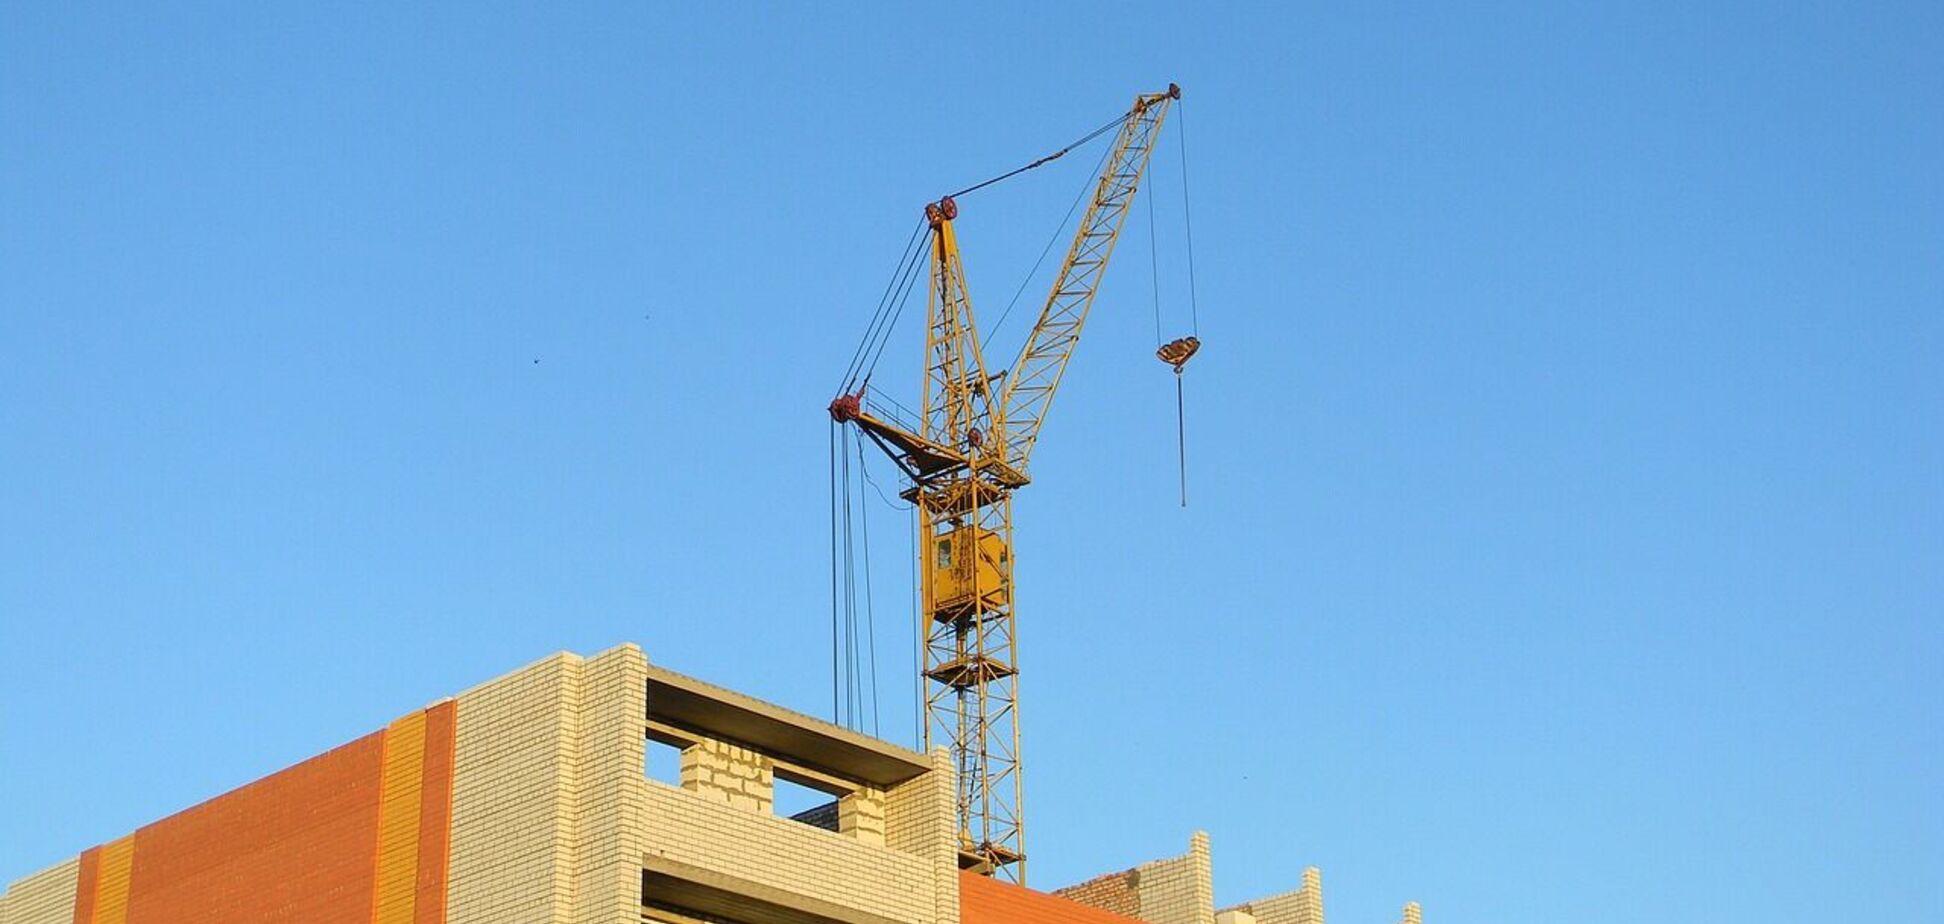 Деловые ожидания строительных компаний выросли, но не все так радужно